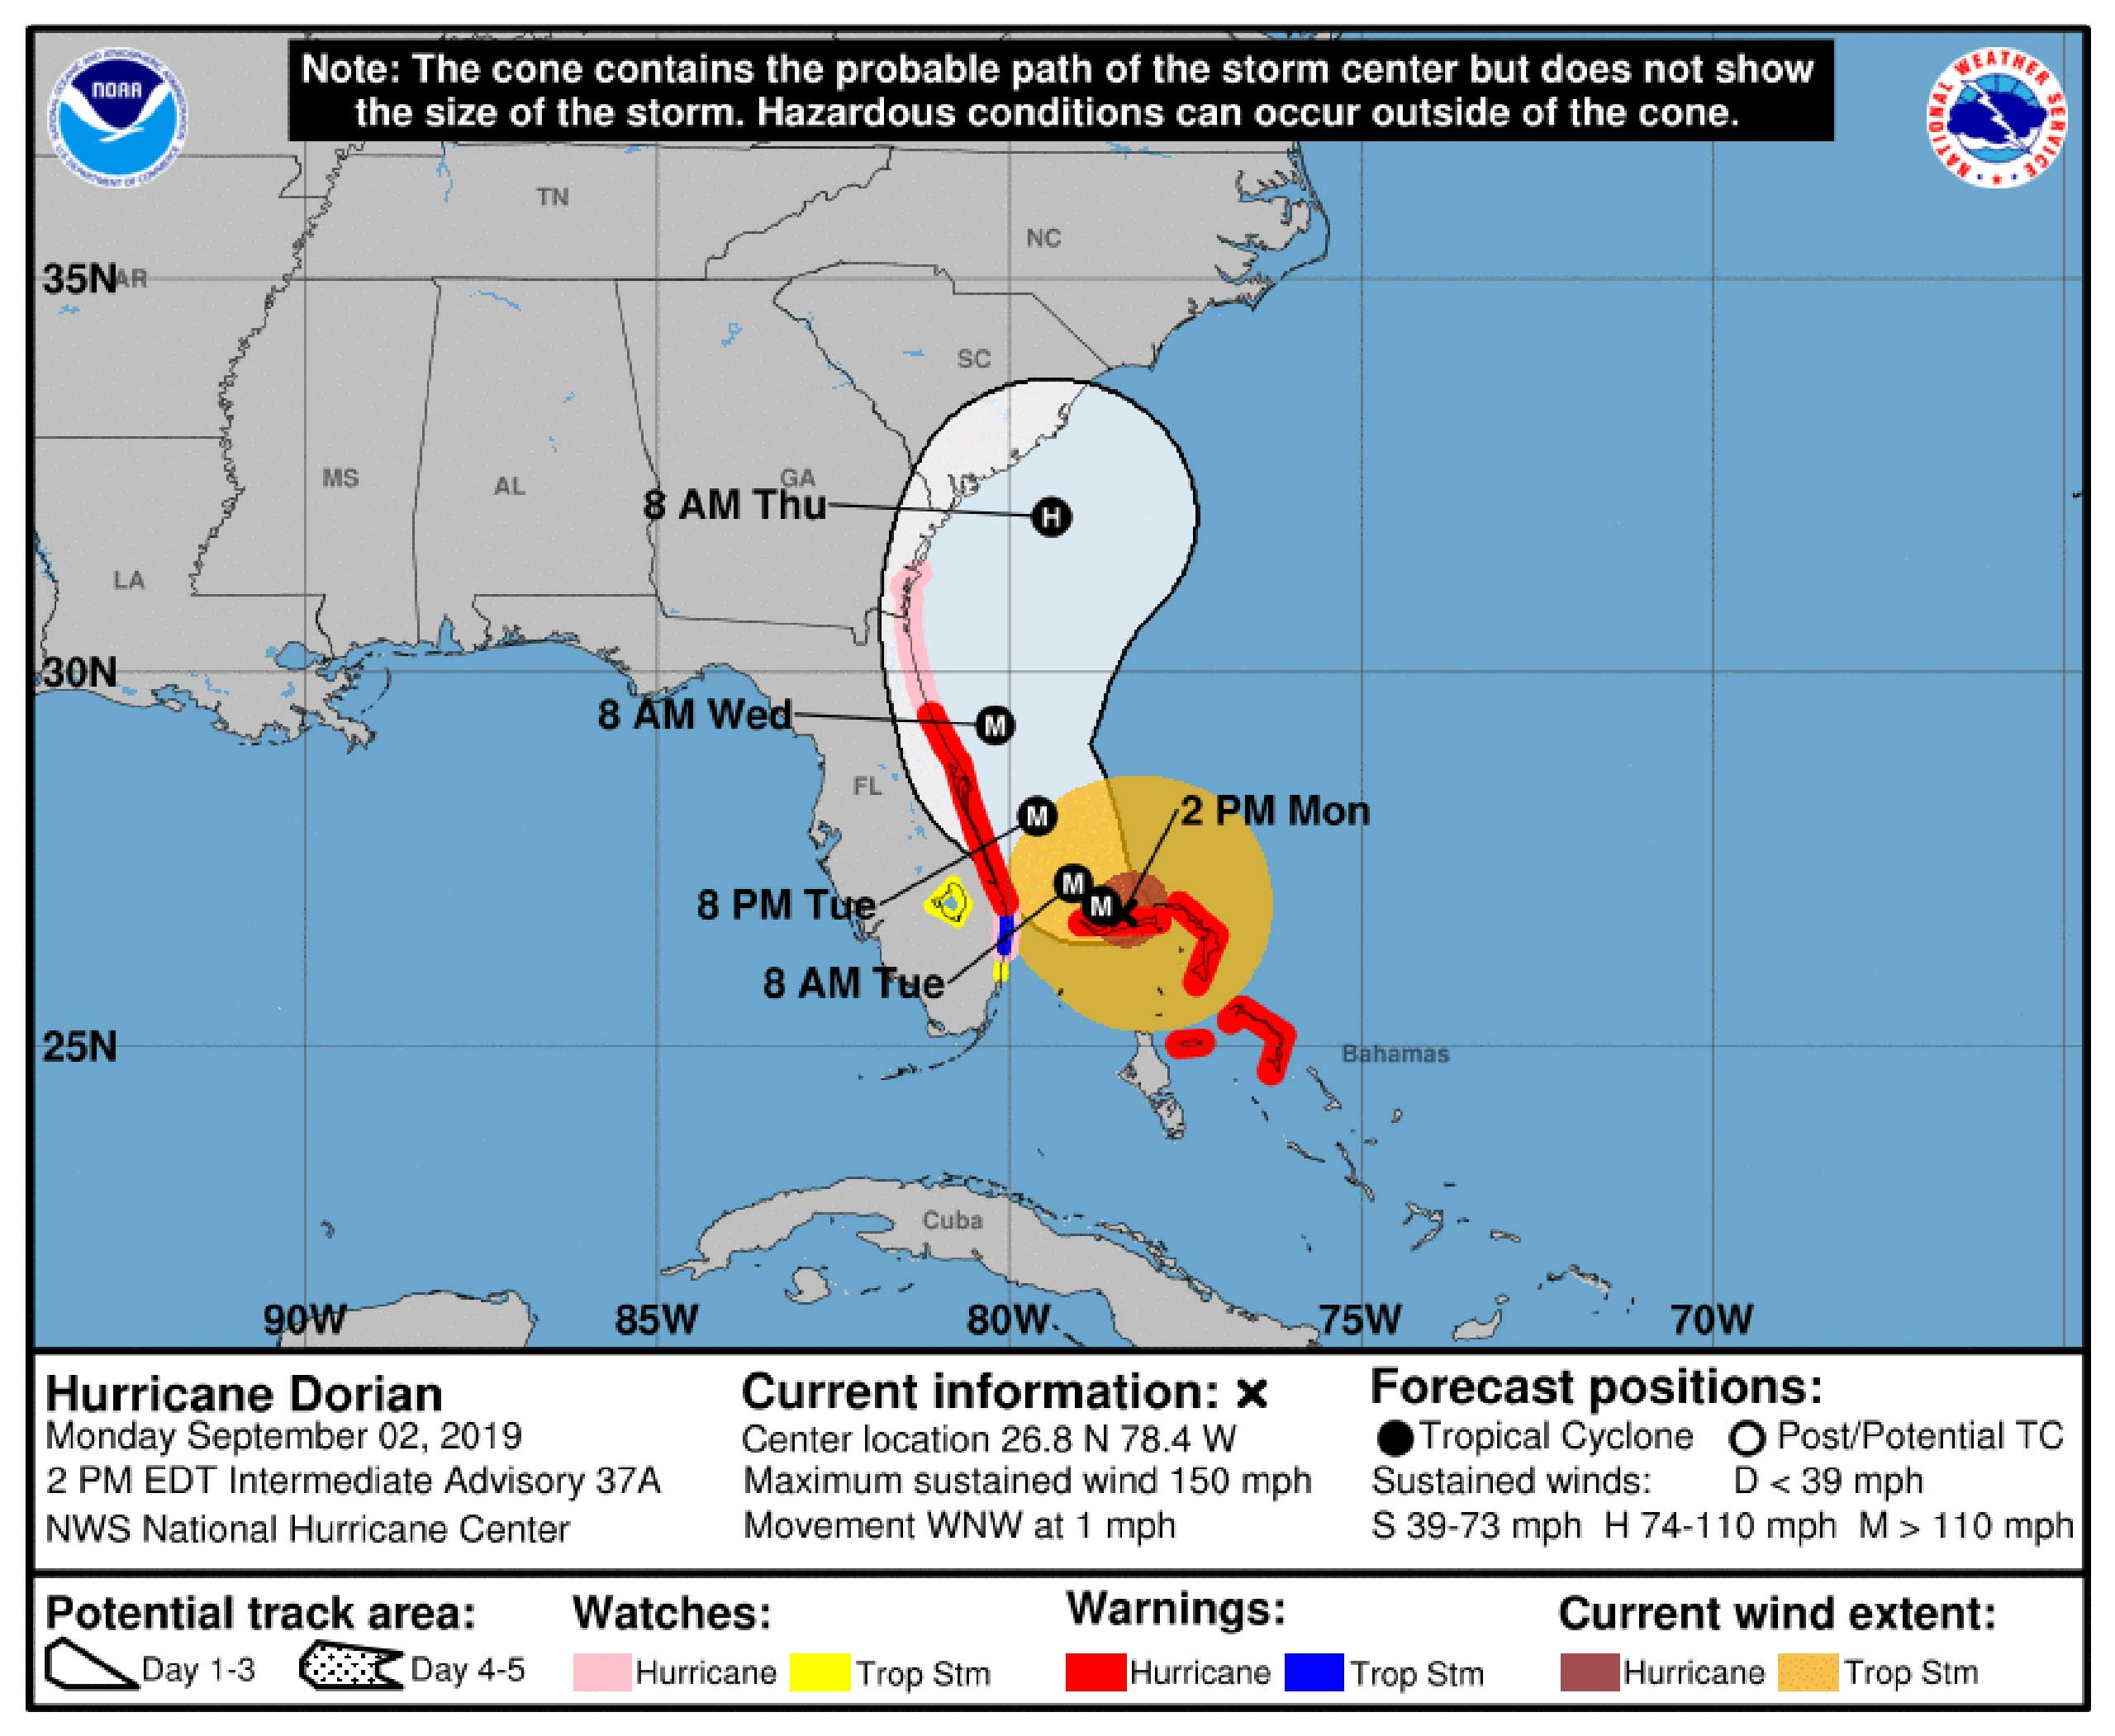 Hurricane Dorian 2pm 2 September 2019